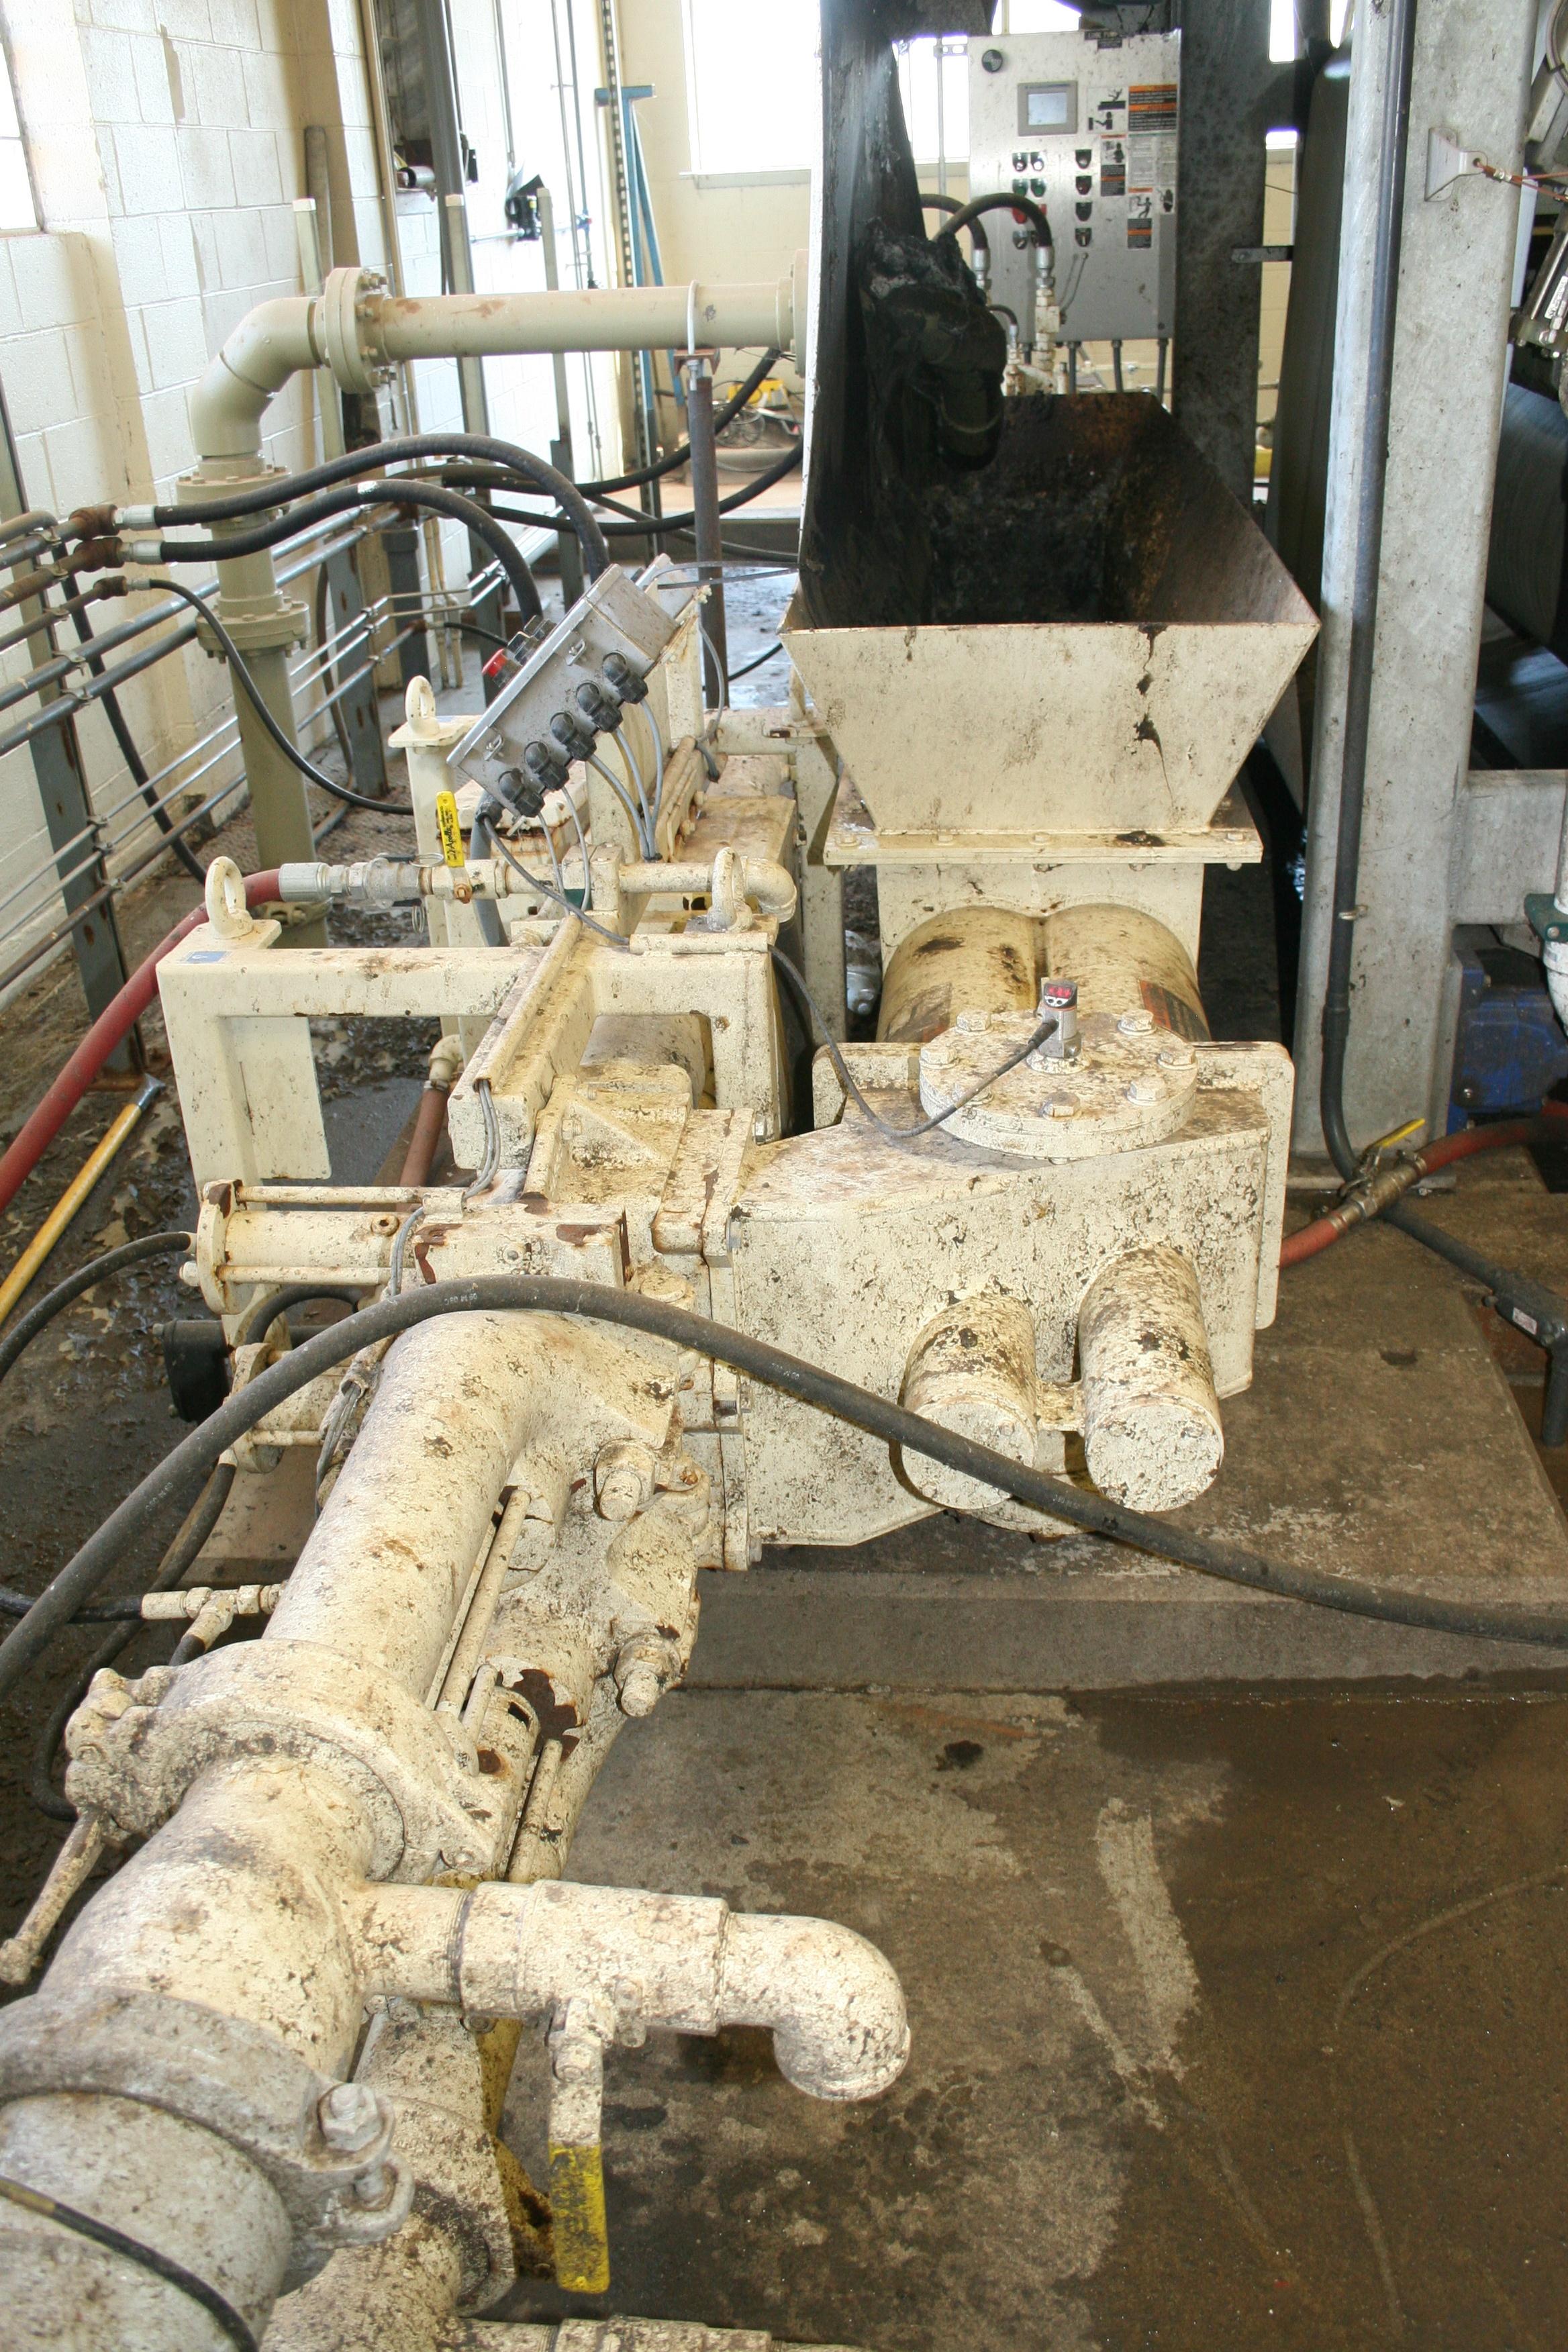 Schwing Bioset Sludge Piston Pump at WWTP